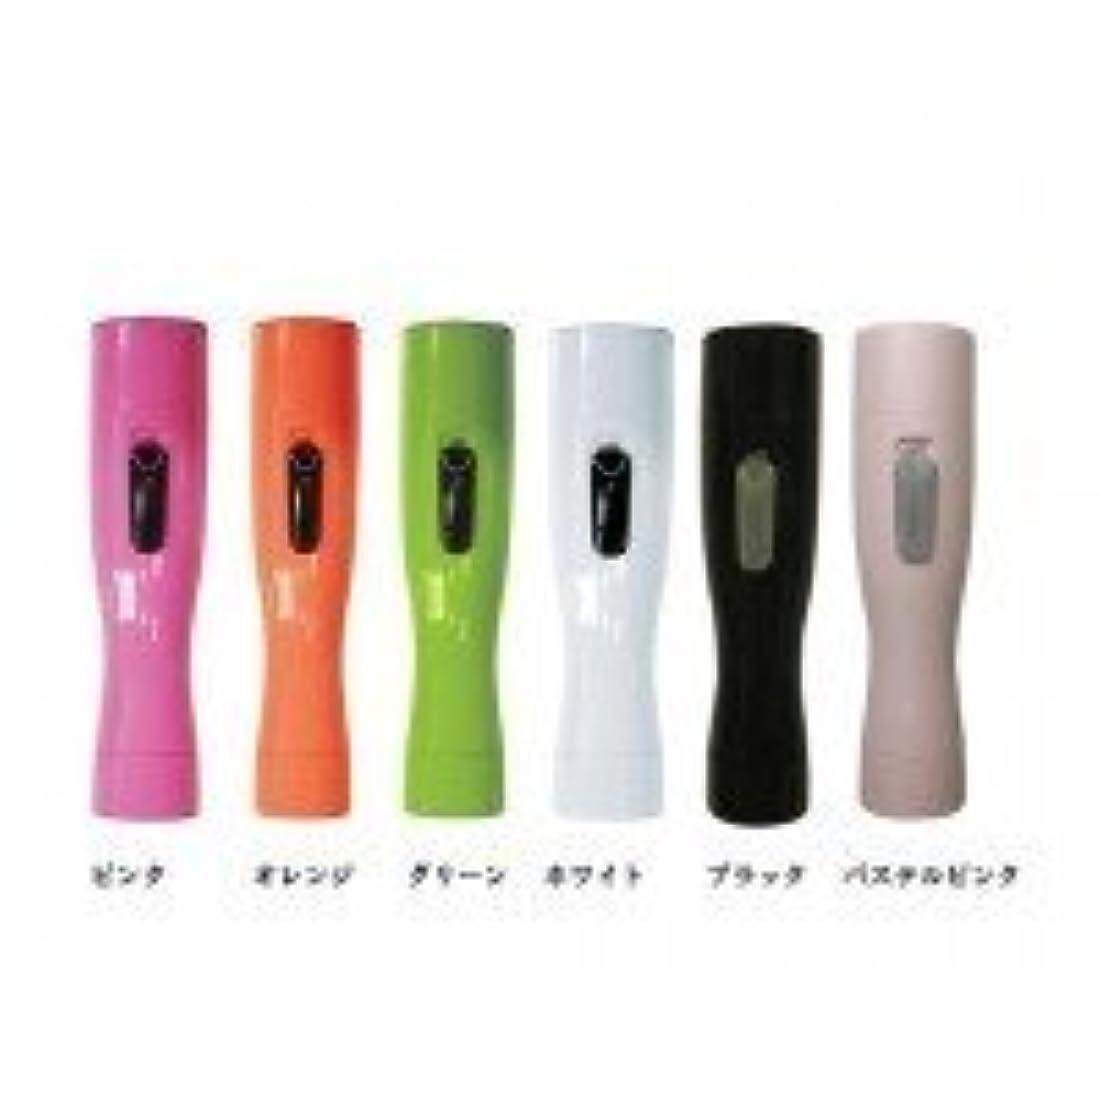 返済クラブ密度乾電池式シェーバー ソルスティックミニ(sol stick mini) ピンク?APS-01PK